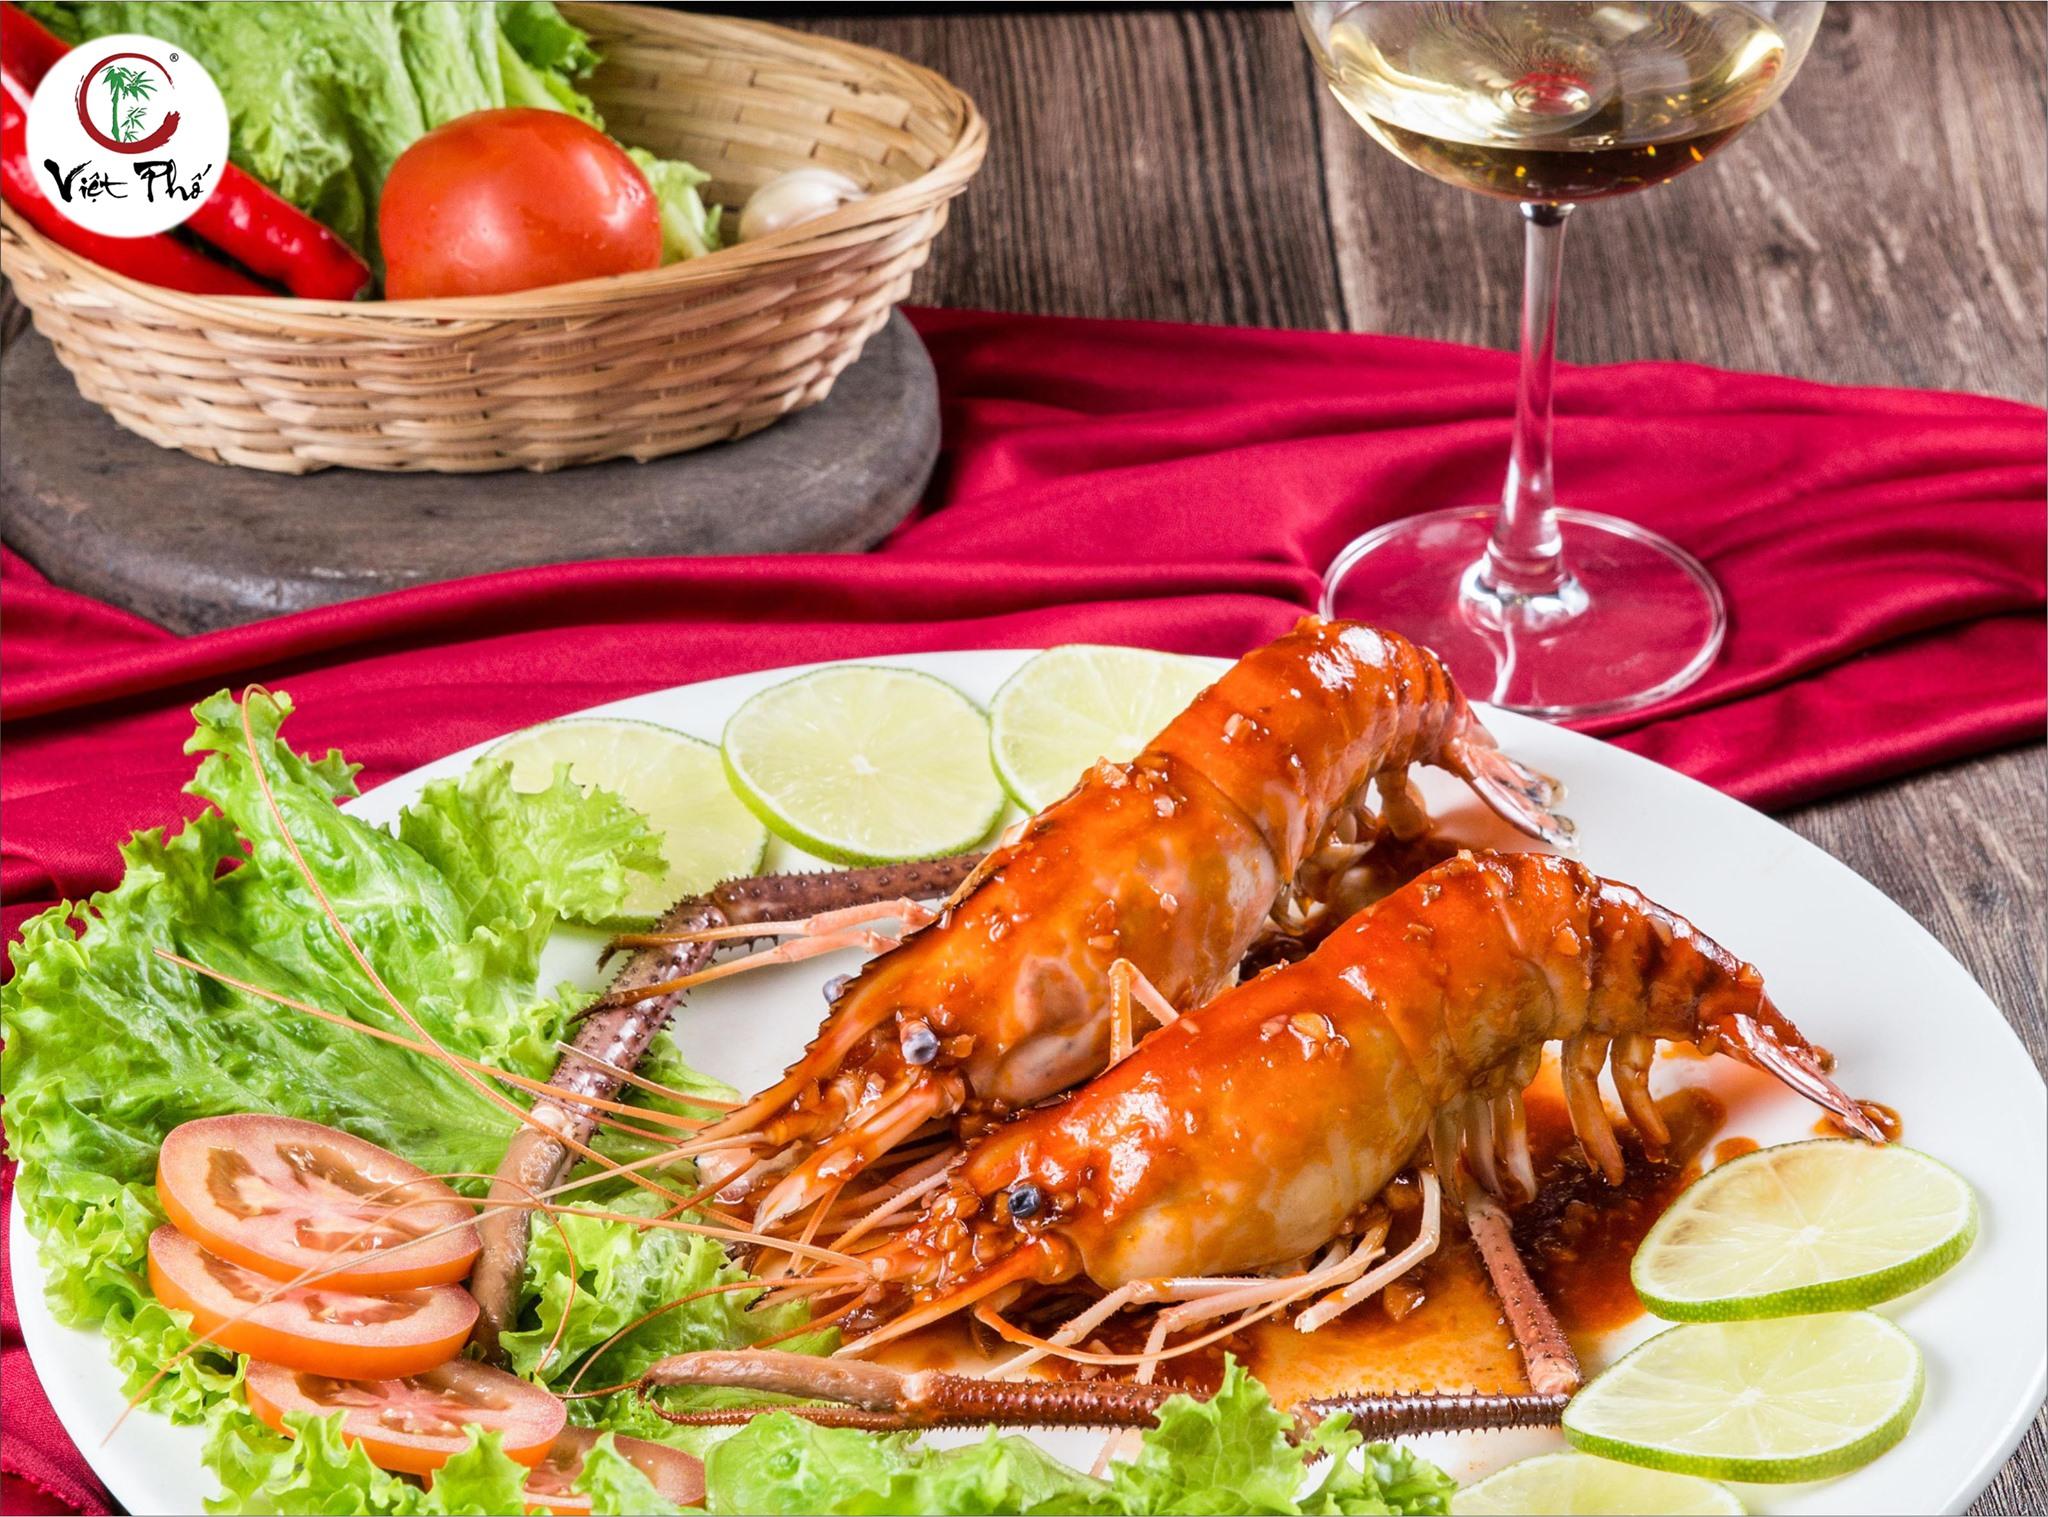 hình ảnh món ăn ở nhà hàng việt phố